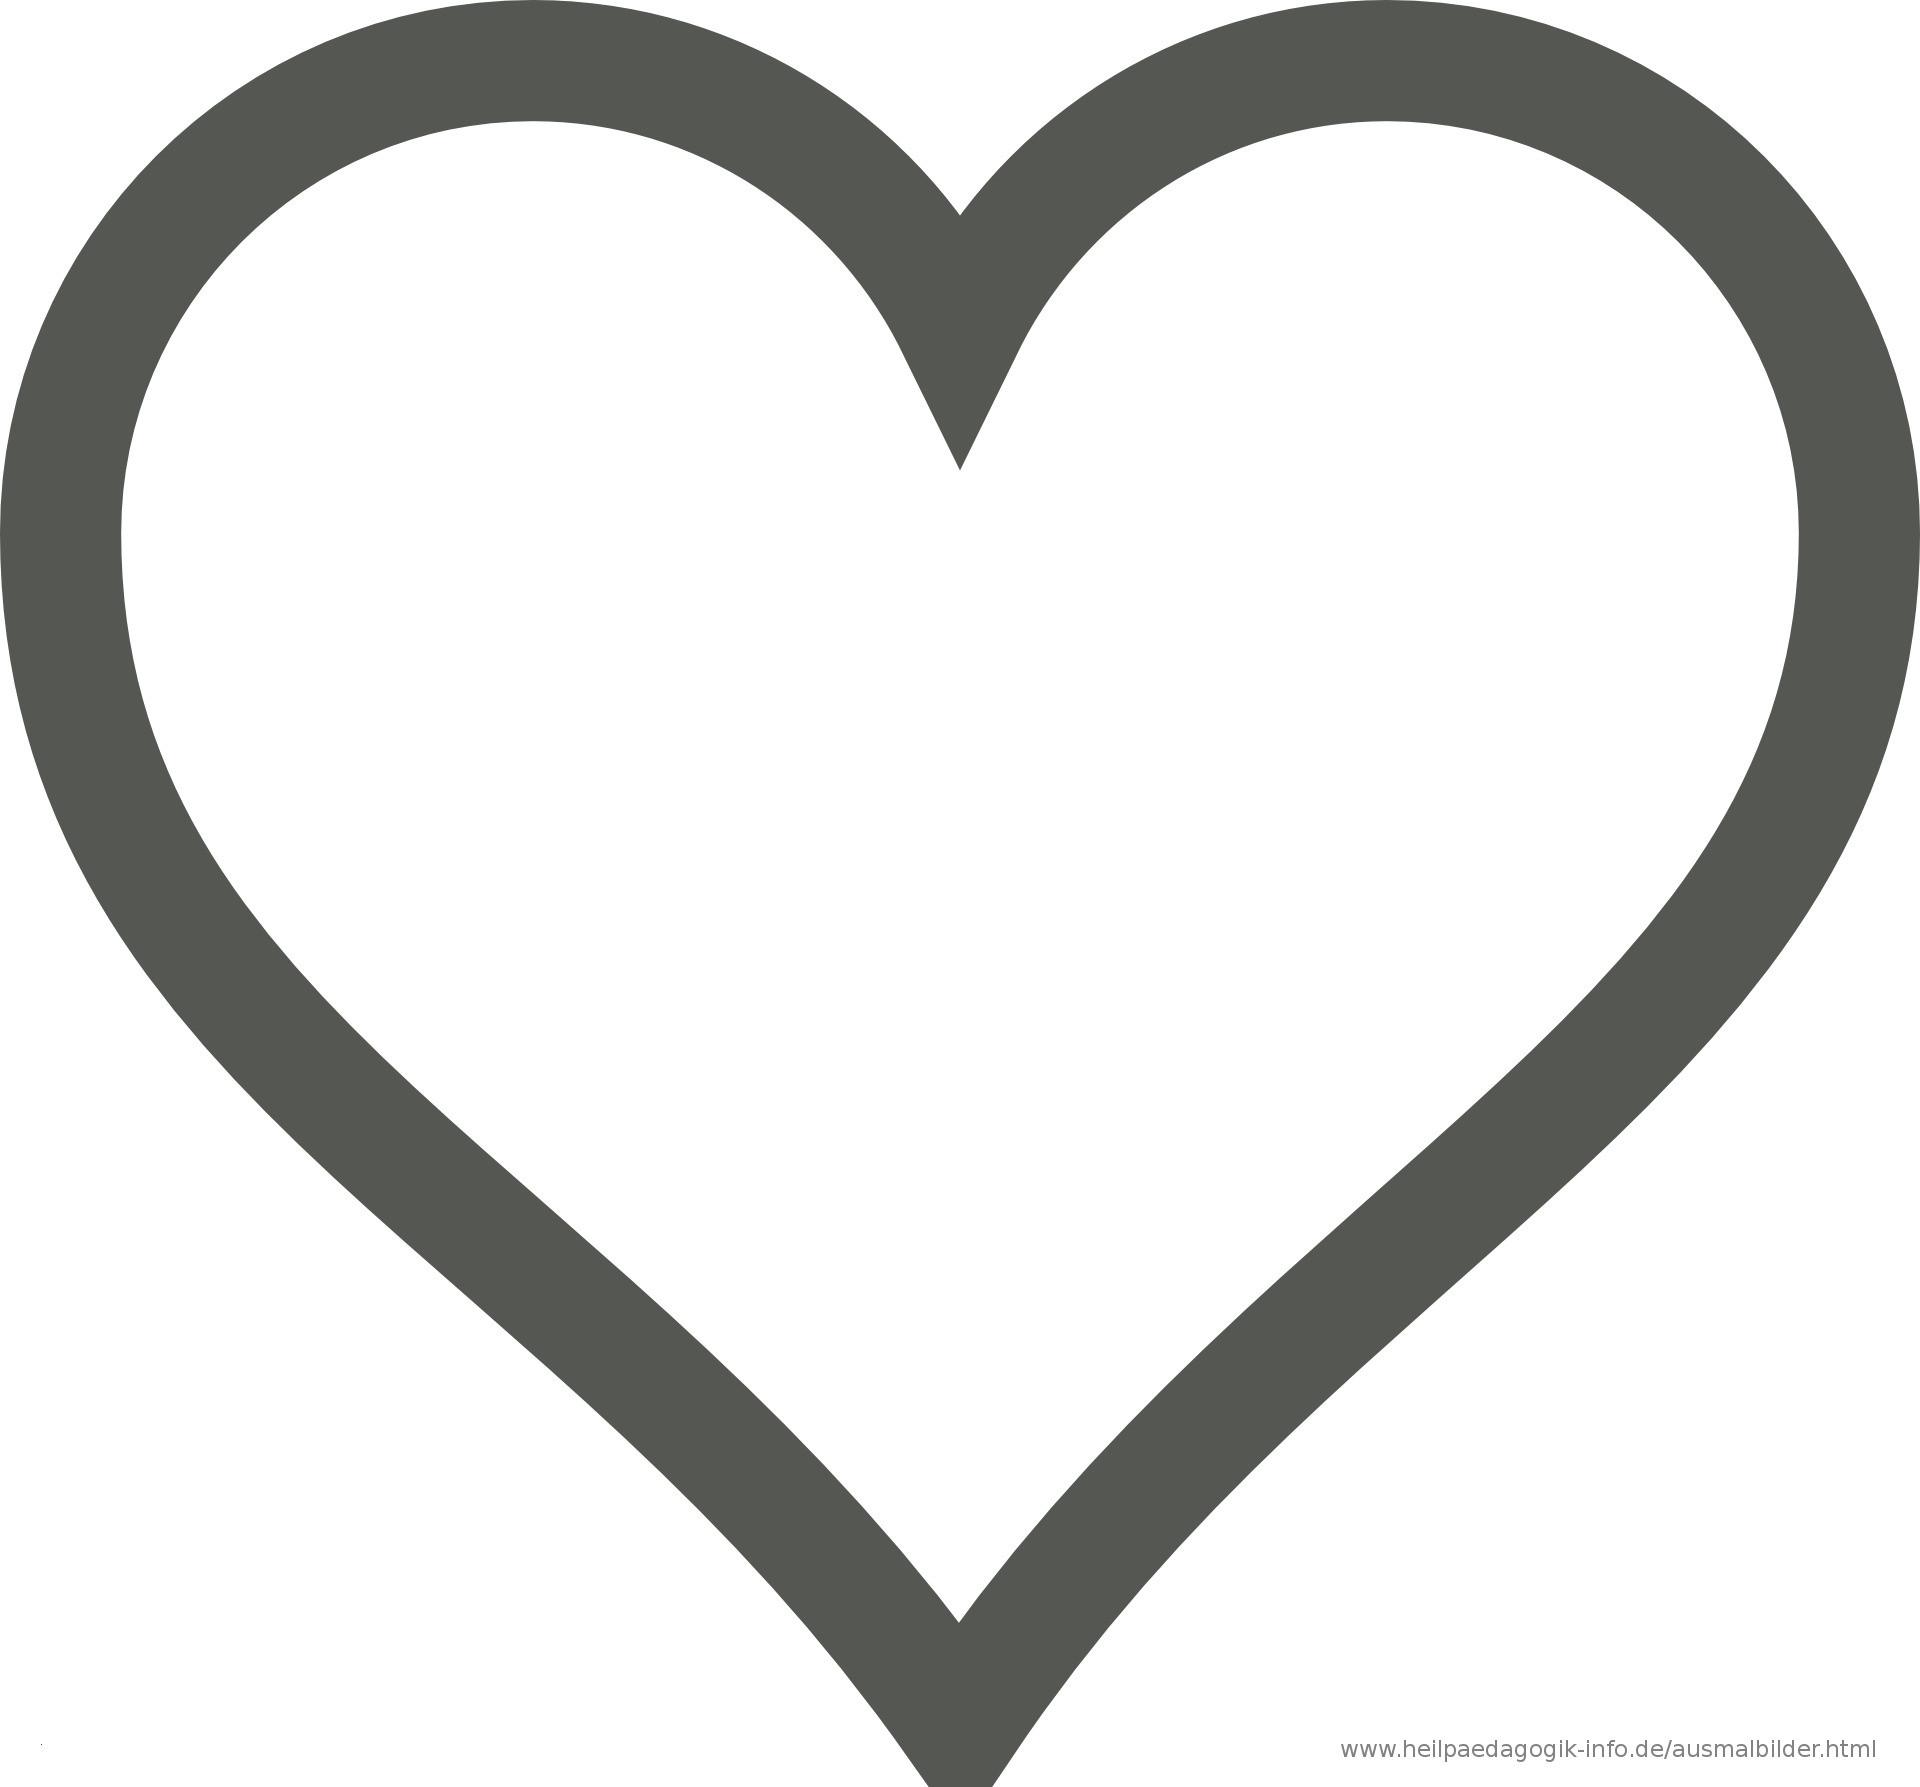 Herz Malvorlagen Einfach Pin Herz Herzen Ausmalbilder Herzen Bilder